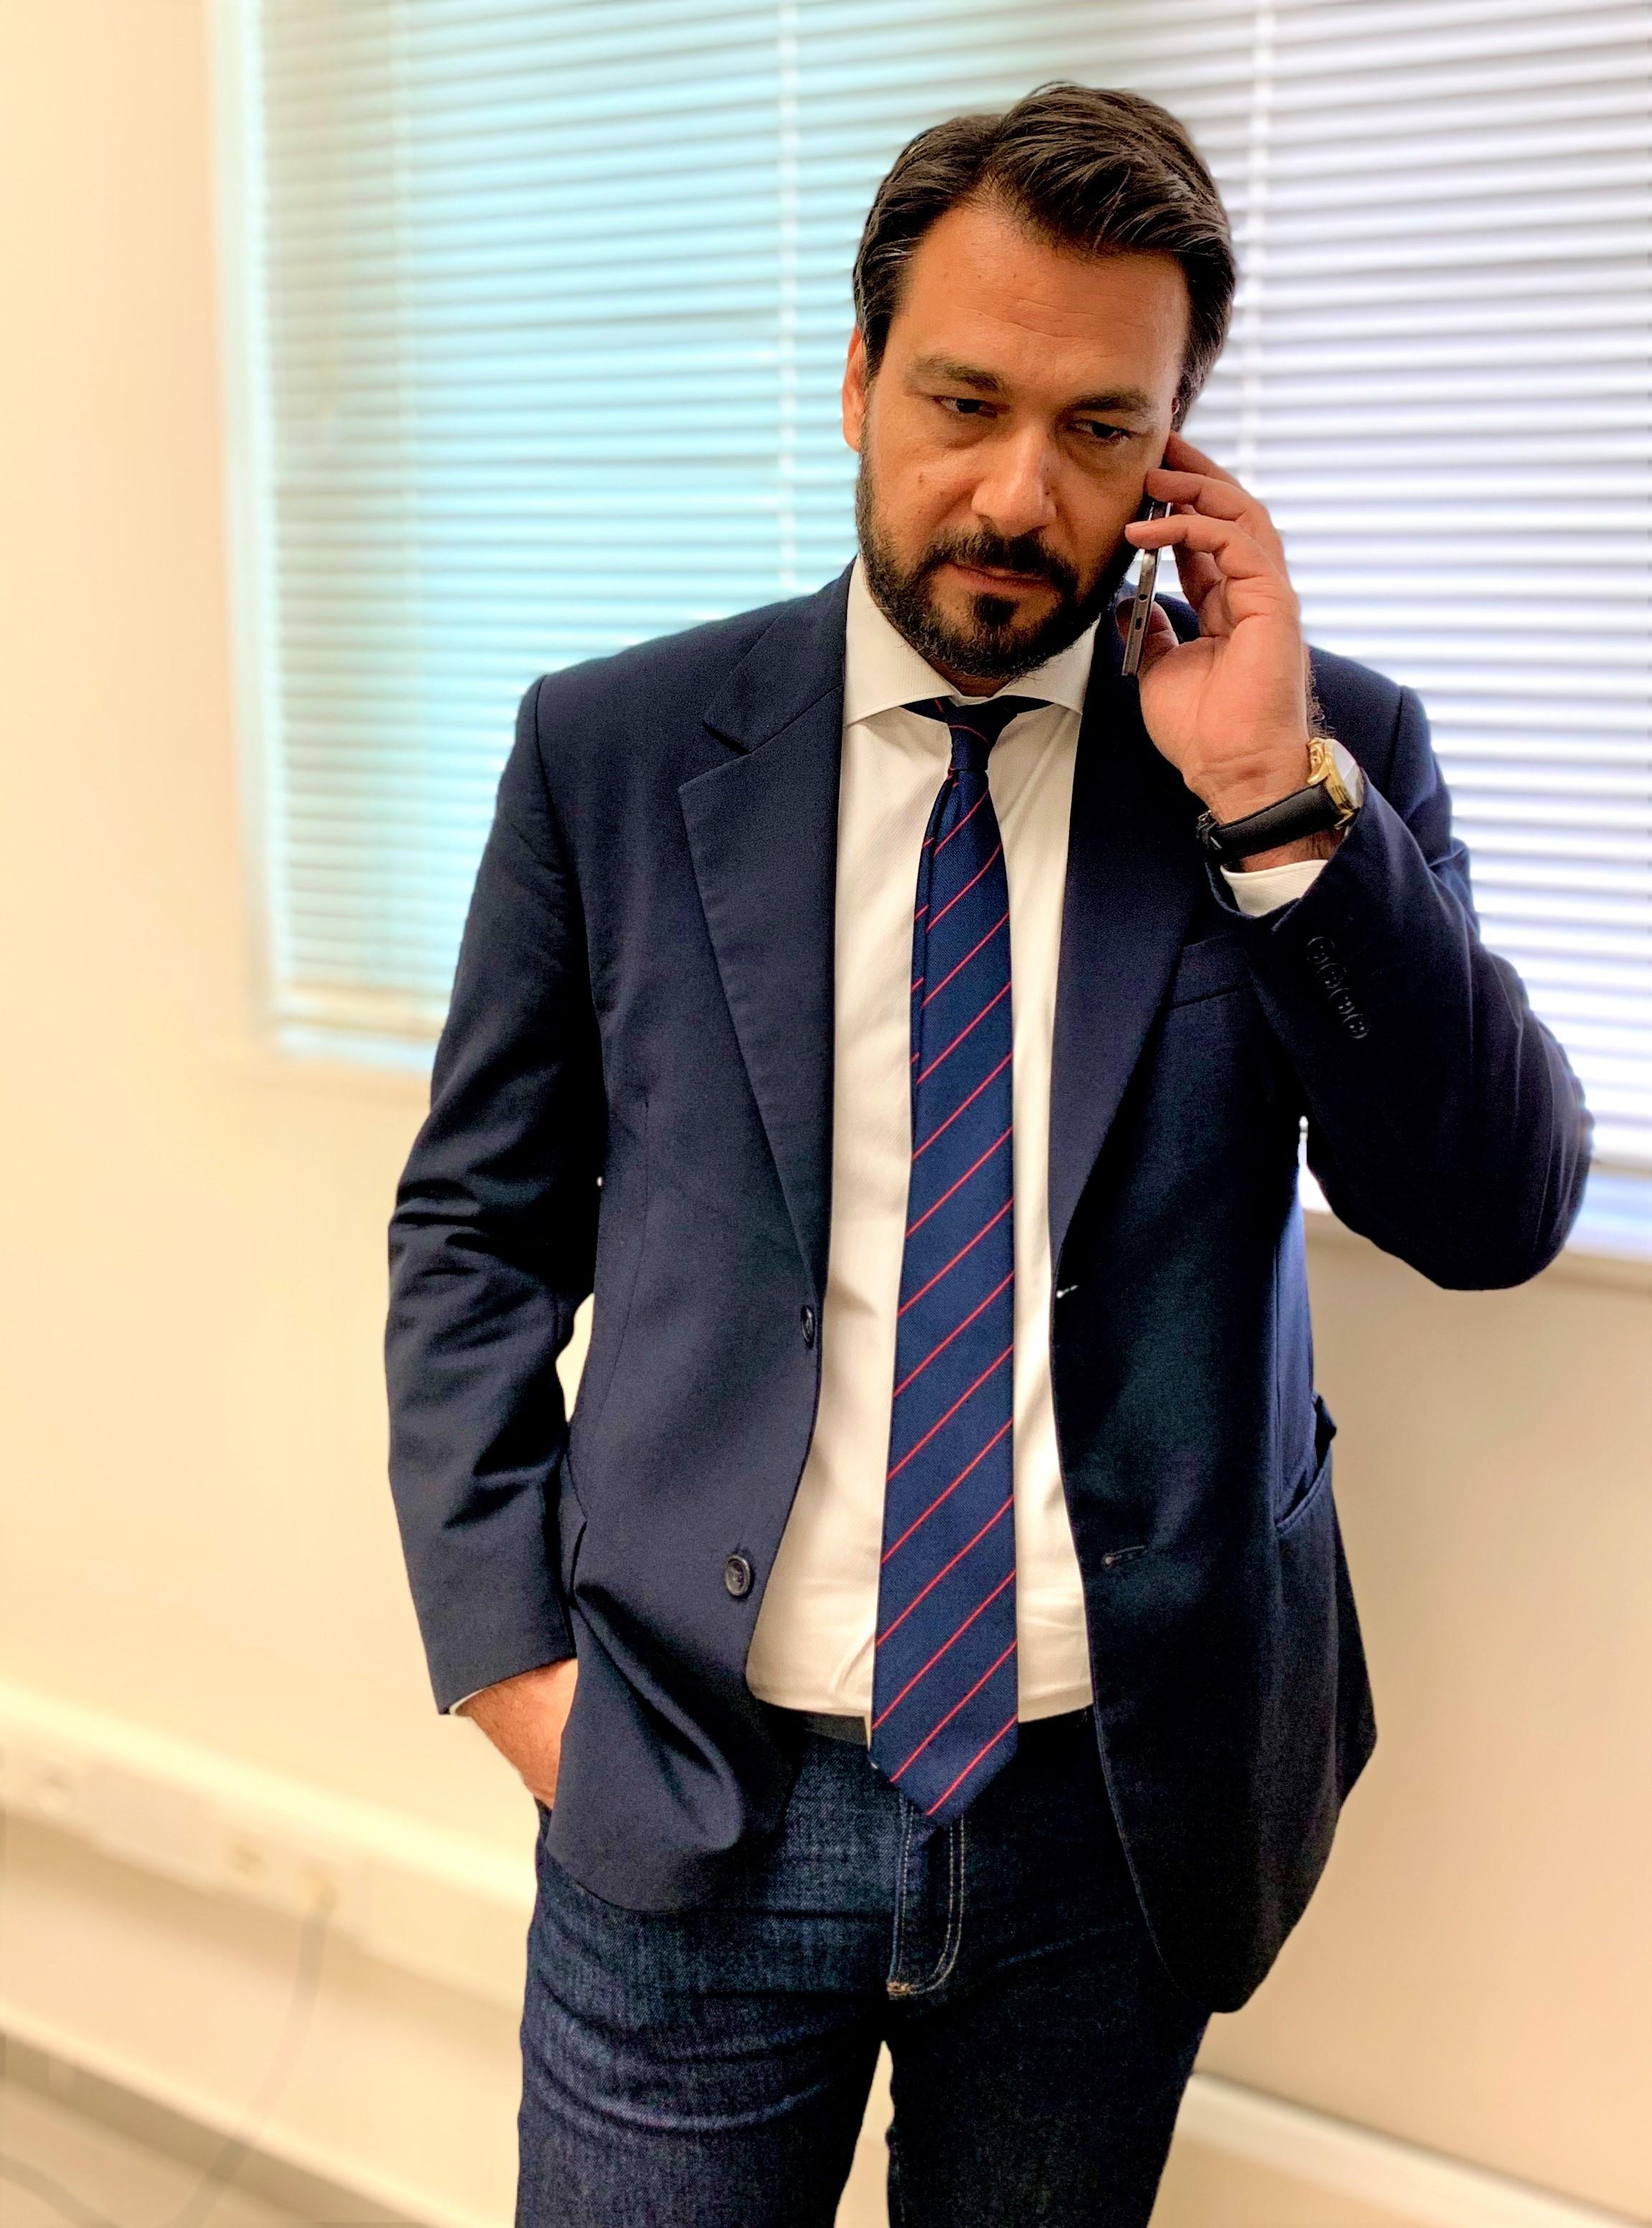 Επικοινωνία Τάσου Μπαρτζώκα με τον Υπουργό Υγείας για ζητήματα των Υγειονομικών Δομών Ημαθίας